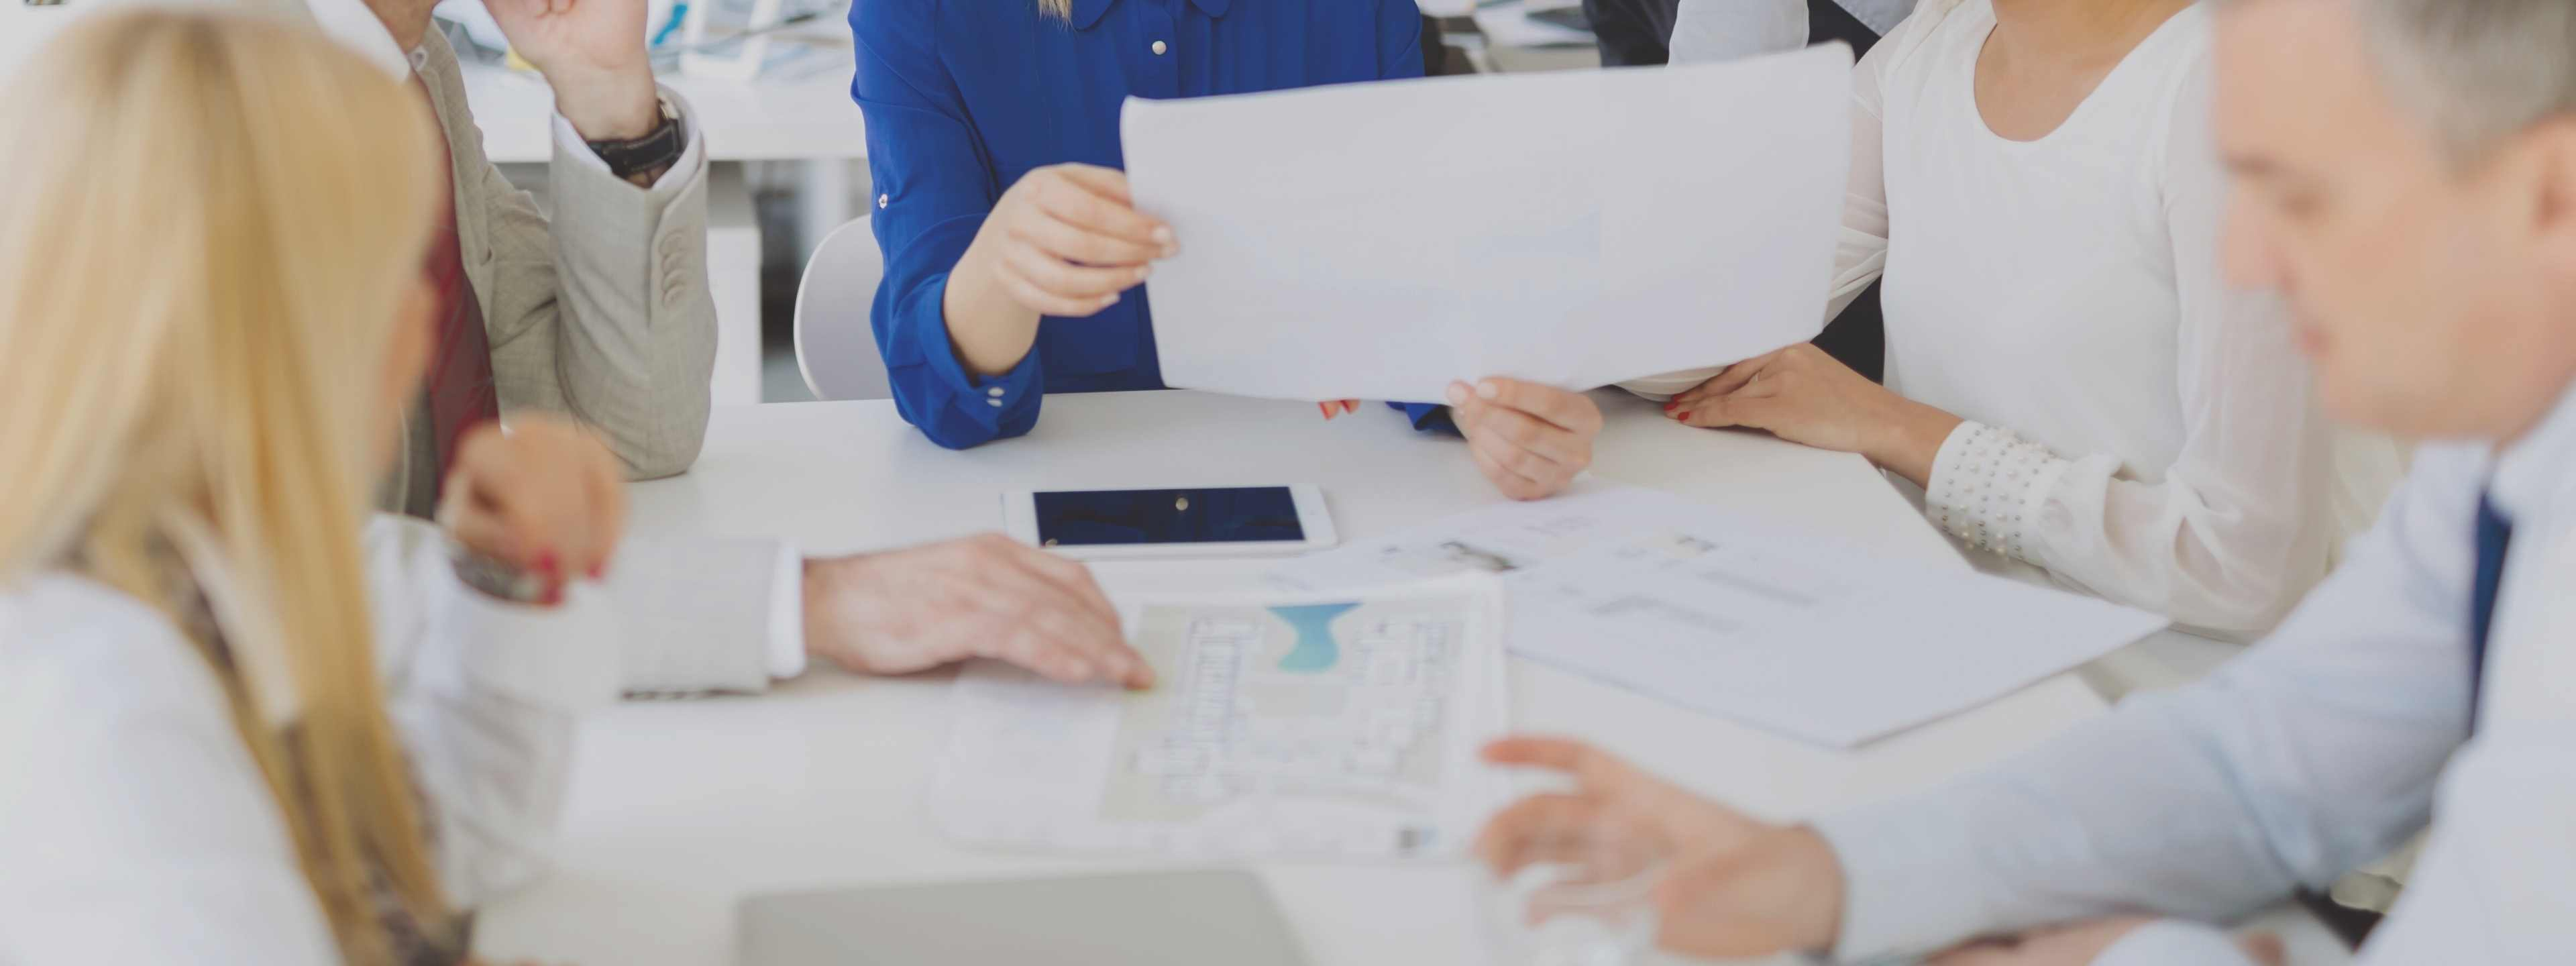 Cómo buscar clientes para tu asesoría: claves a tener en cuenta